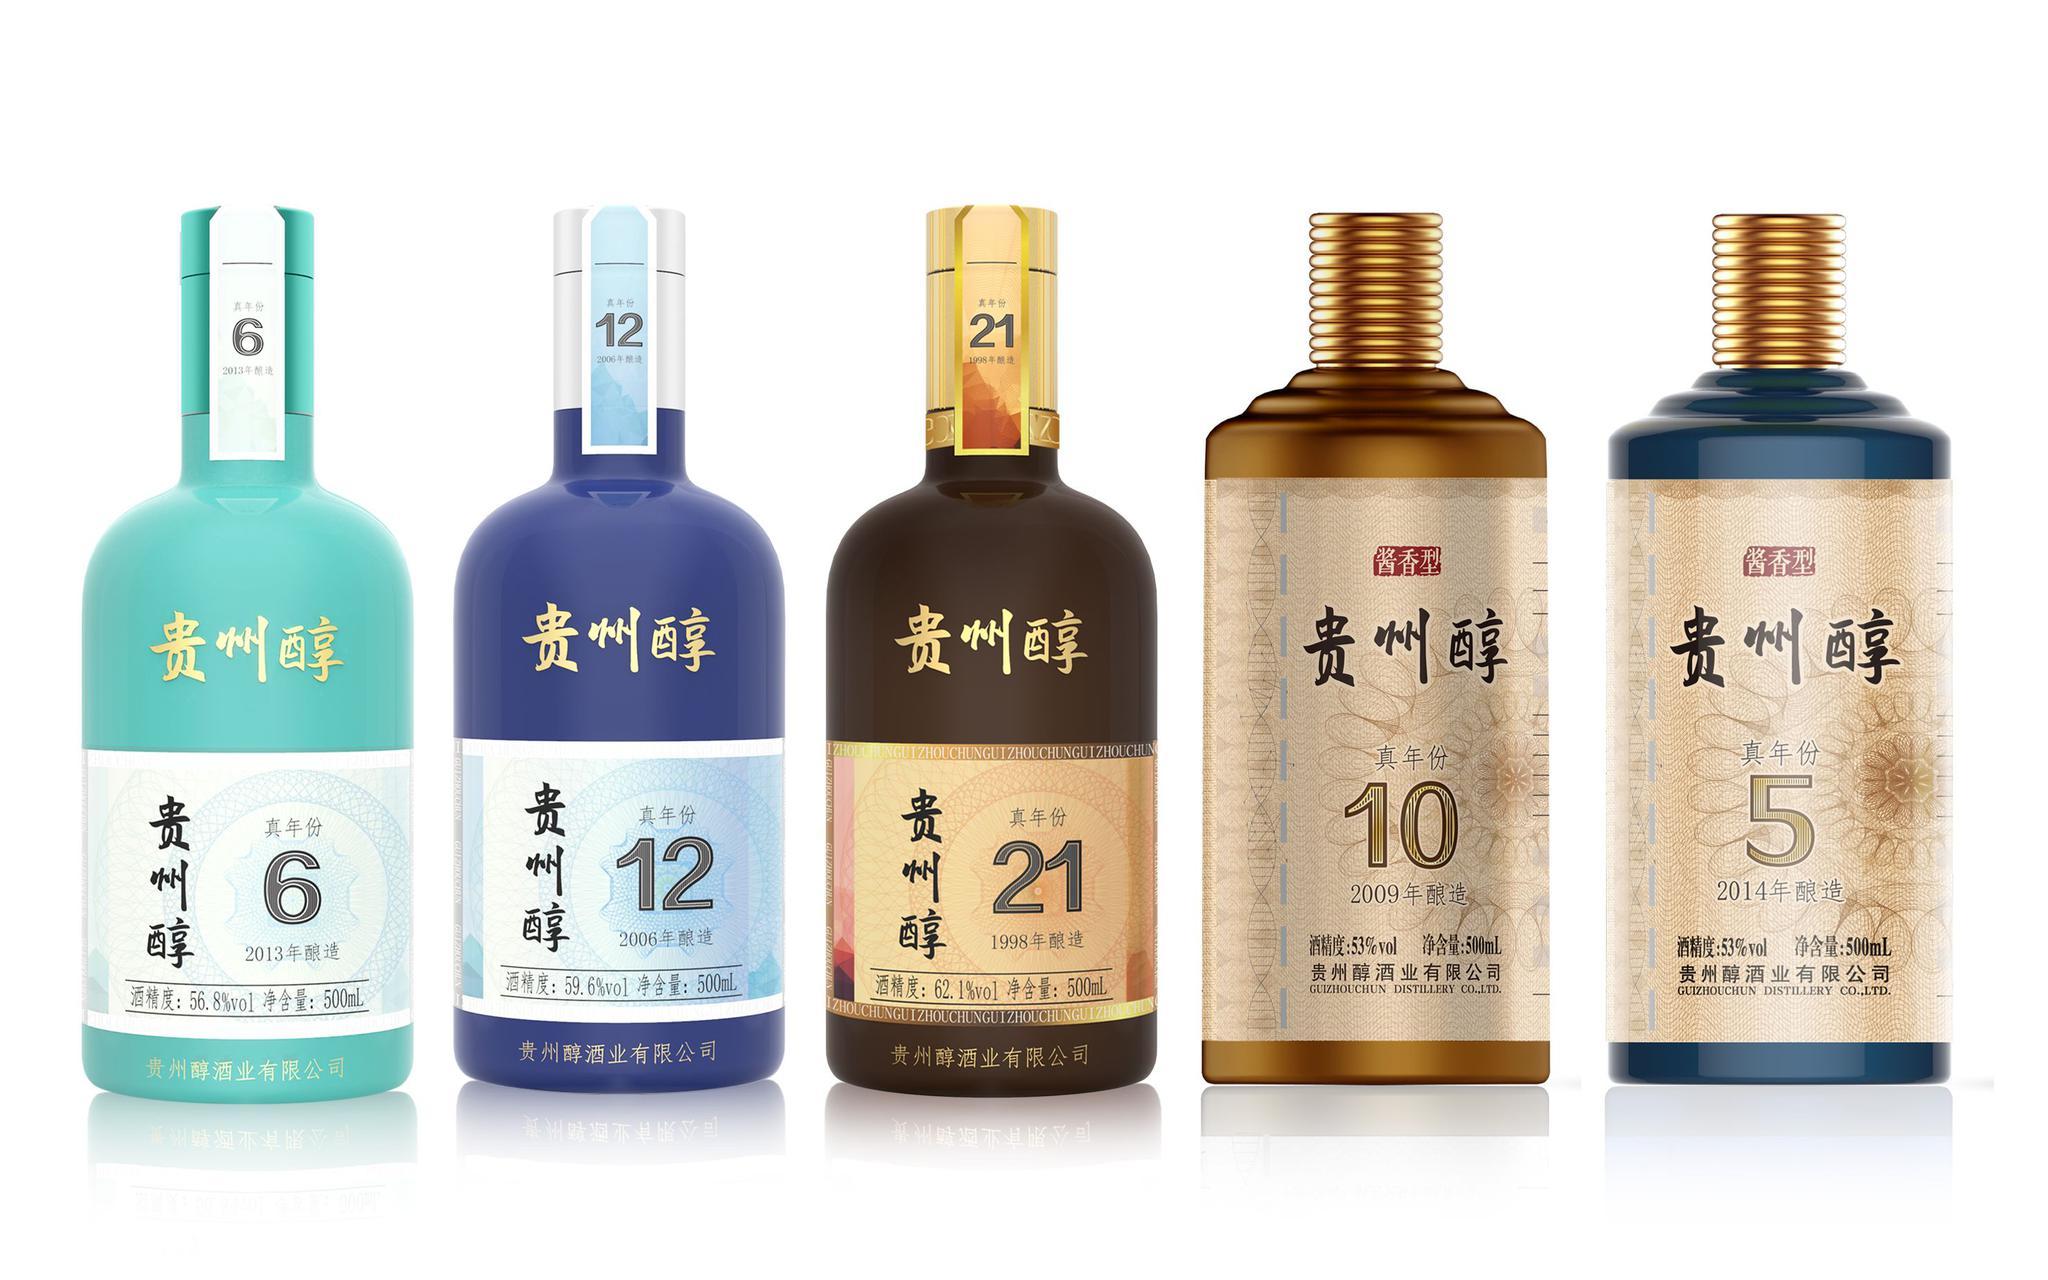 独家专访昝圣达:揭秘为何才饮贵州醇又揽枝江酒?未来如何布局?